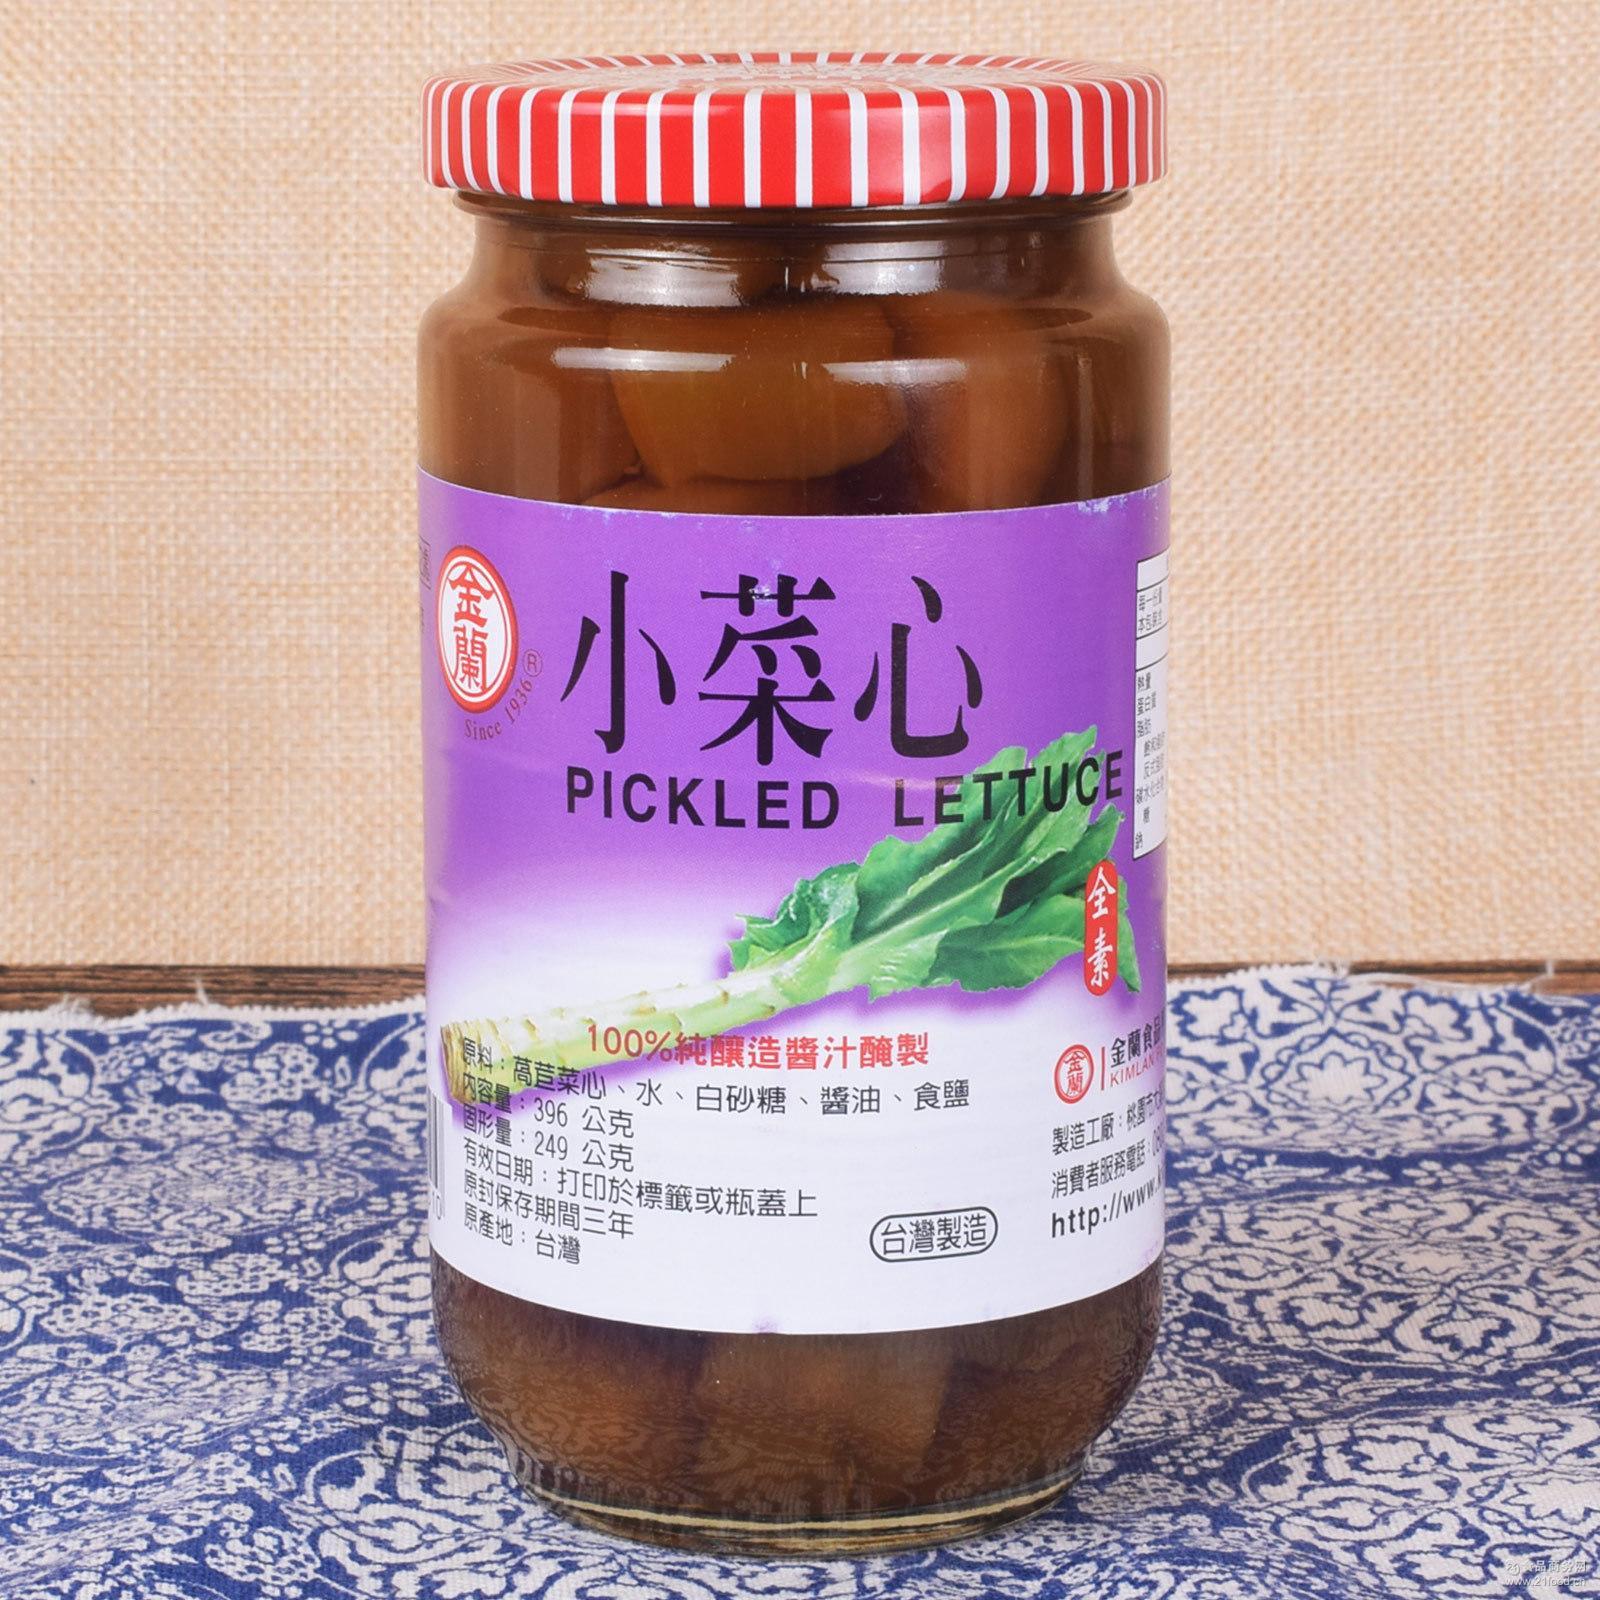 玻璃瓶装 调味品 台湾原装进口食品 金兰小菜心 396克